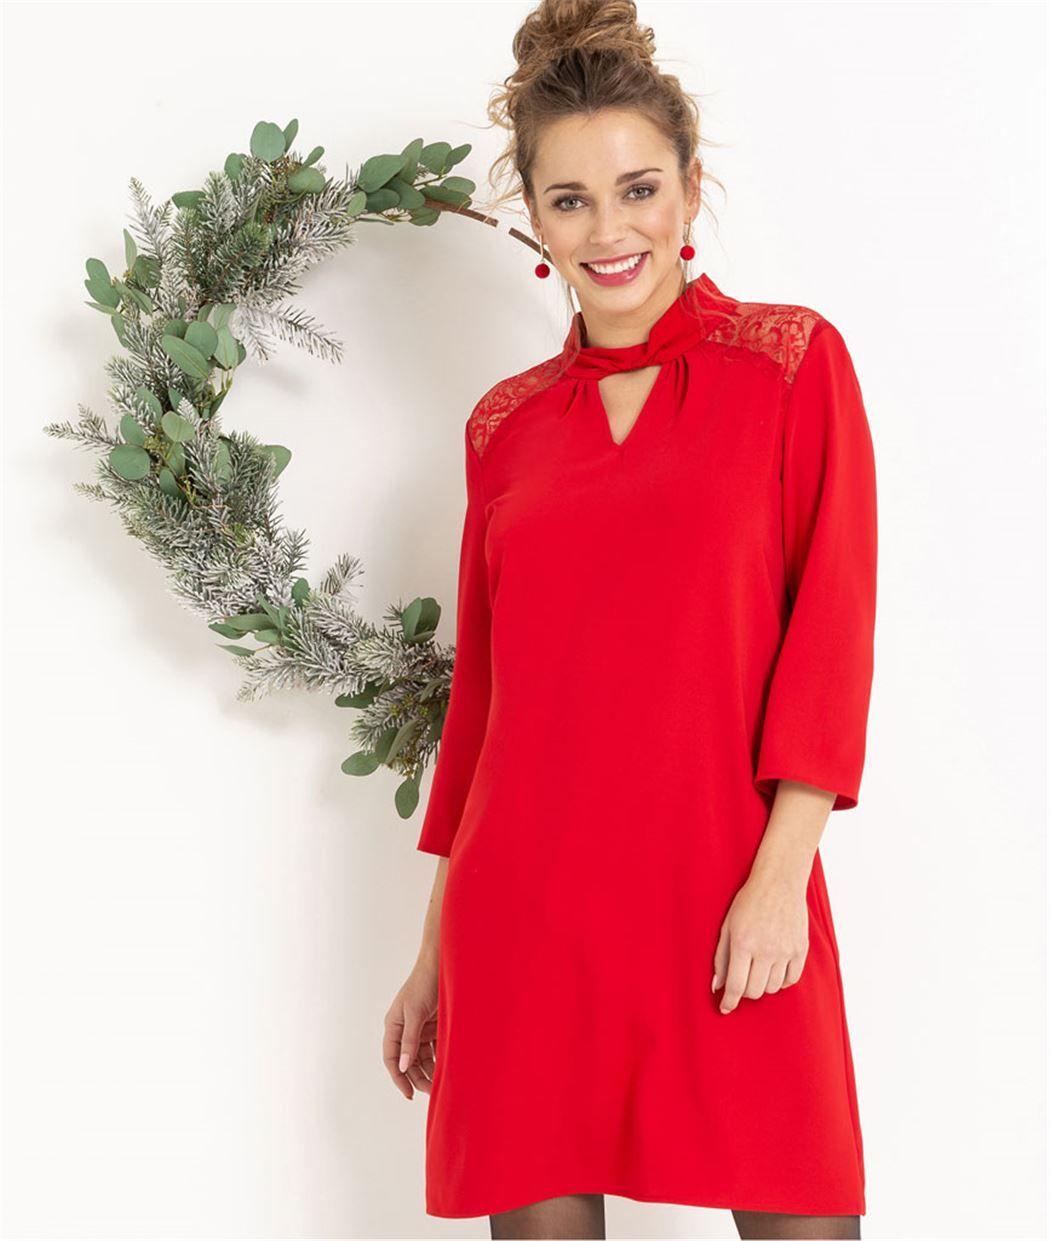 fe2f251933b Robe femme rouge habillée avec dentelle ROUGE - Grain de Malice  femme